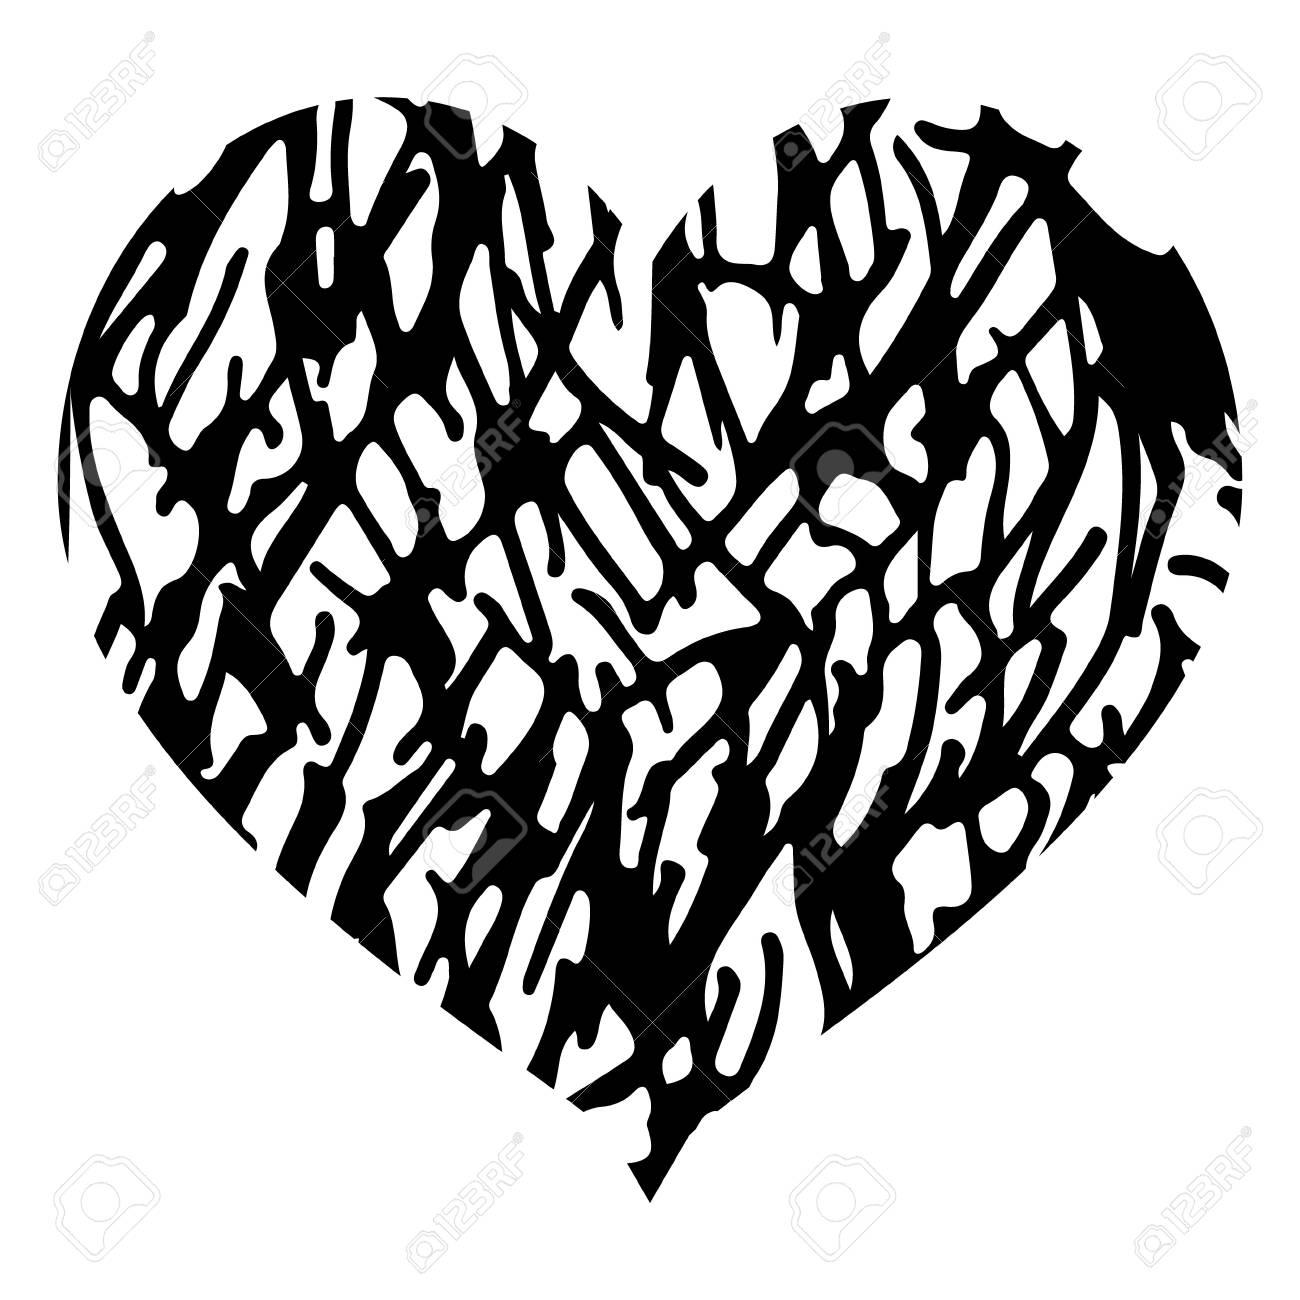 Diseño De La Forma Del Corazón Para Los Símbolos Del Amor Corazón